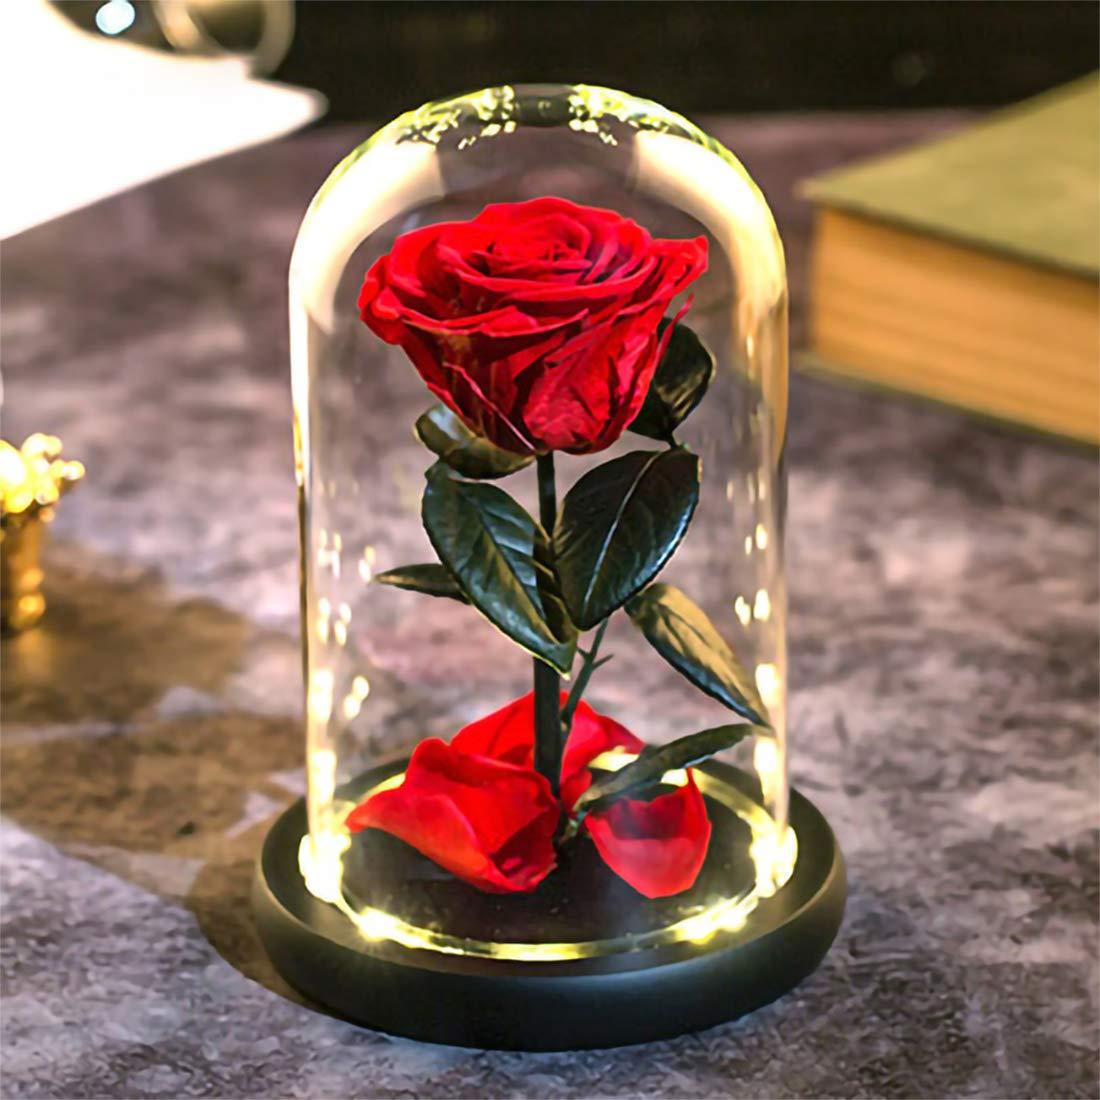 美女と野獣 赤いバラ 魅惑的な赤いシルクローズ 木の台座に落ちた花びら付き 彼女への最高の贈り物 バレンタインデー 結婚記念日 B07L2CTTQP Preserved Real Rose